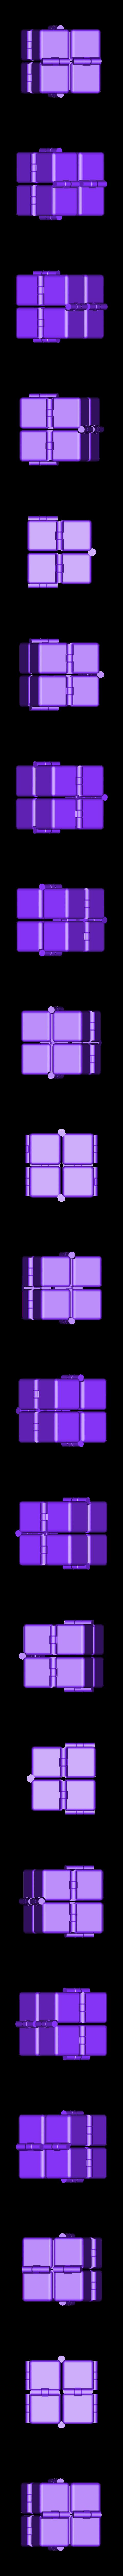 fidget_star_multi_color_outside.STL Télécharger fichier STL gratuit Fidget étoile multicolore • Plan à imprimer en 3D, MosaicManufacturing